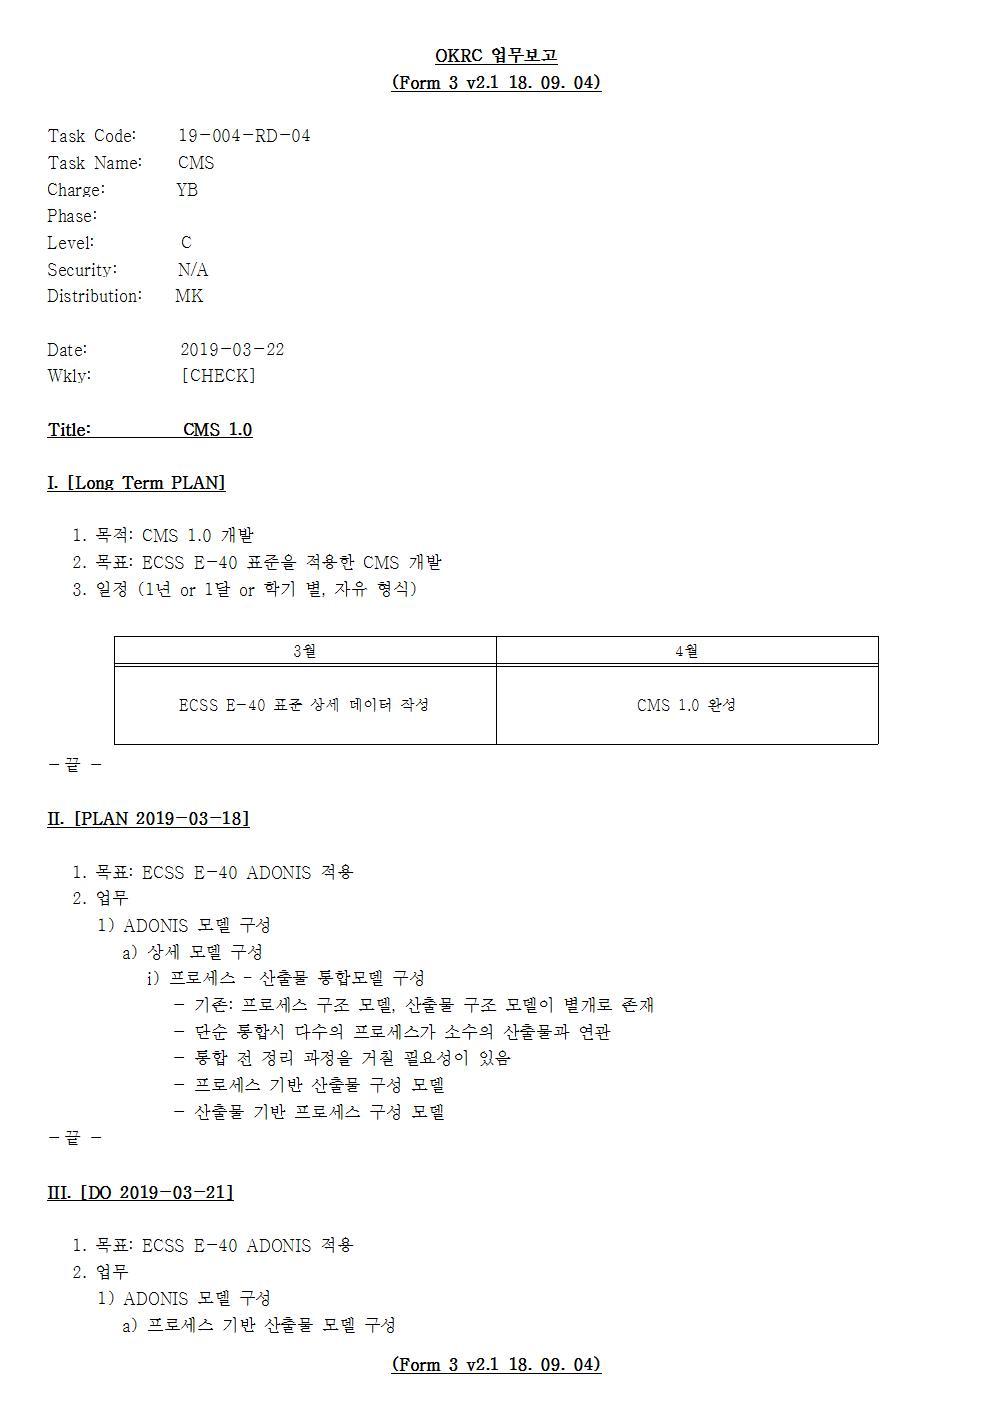 D-[19-004-RD-04]-[CMS]-[2019-03-22][YB]001.jpg